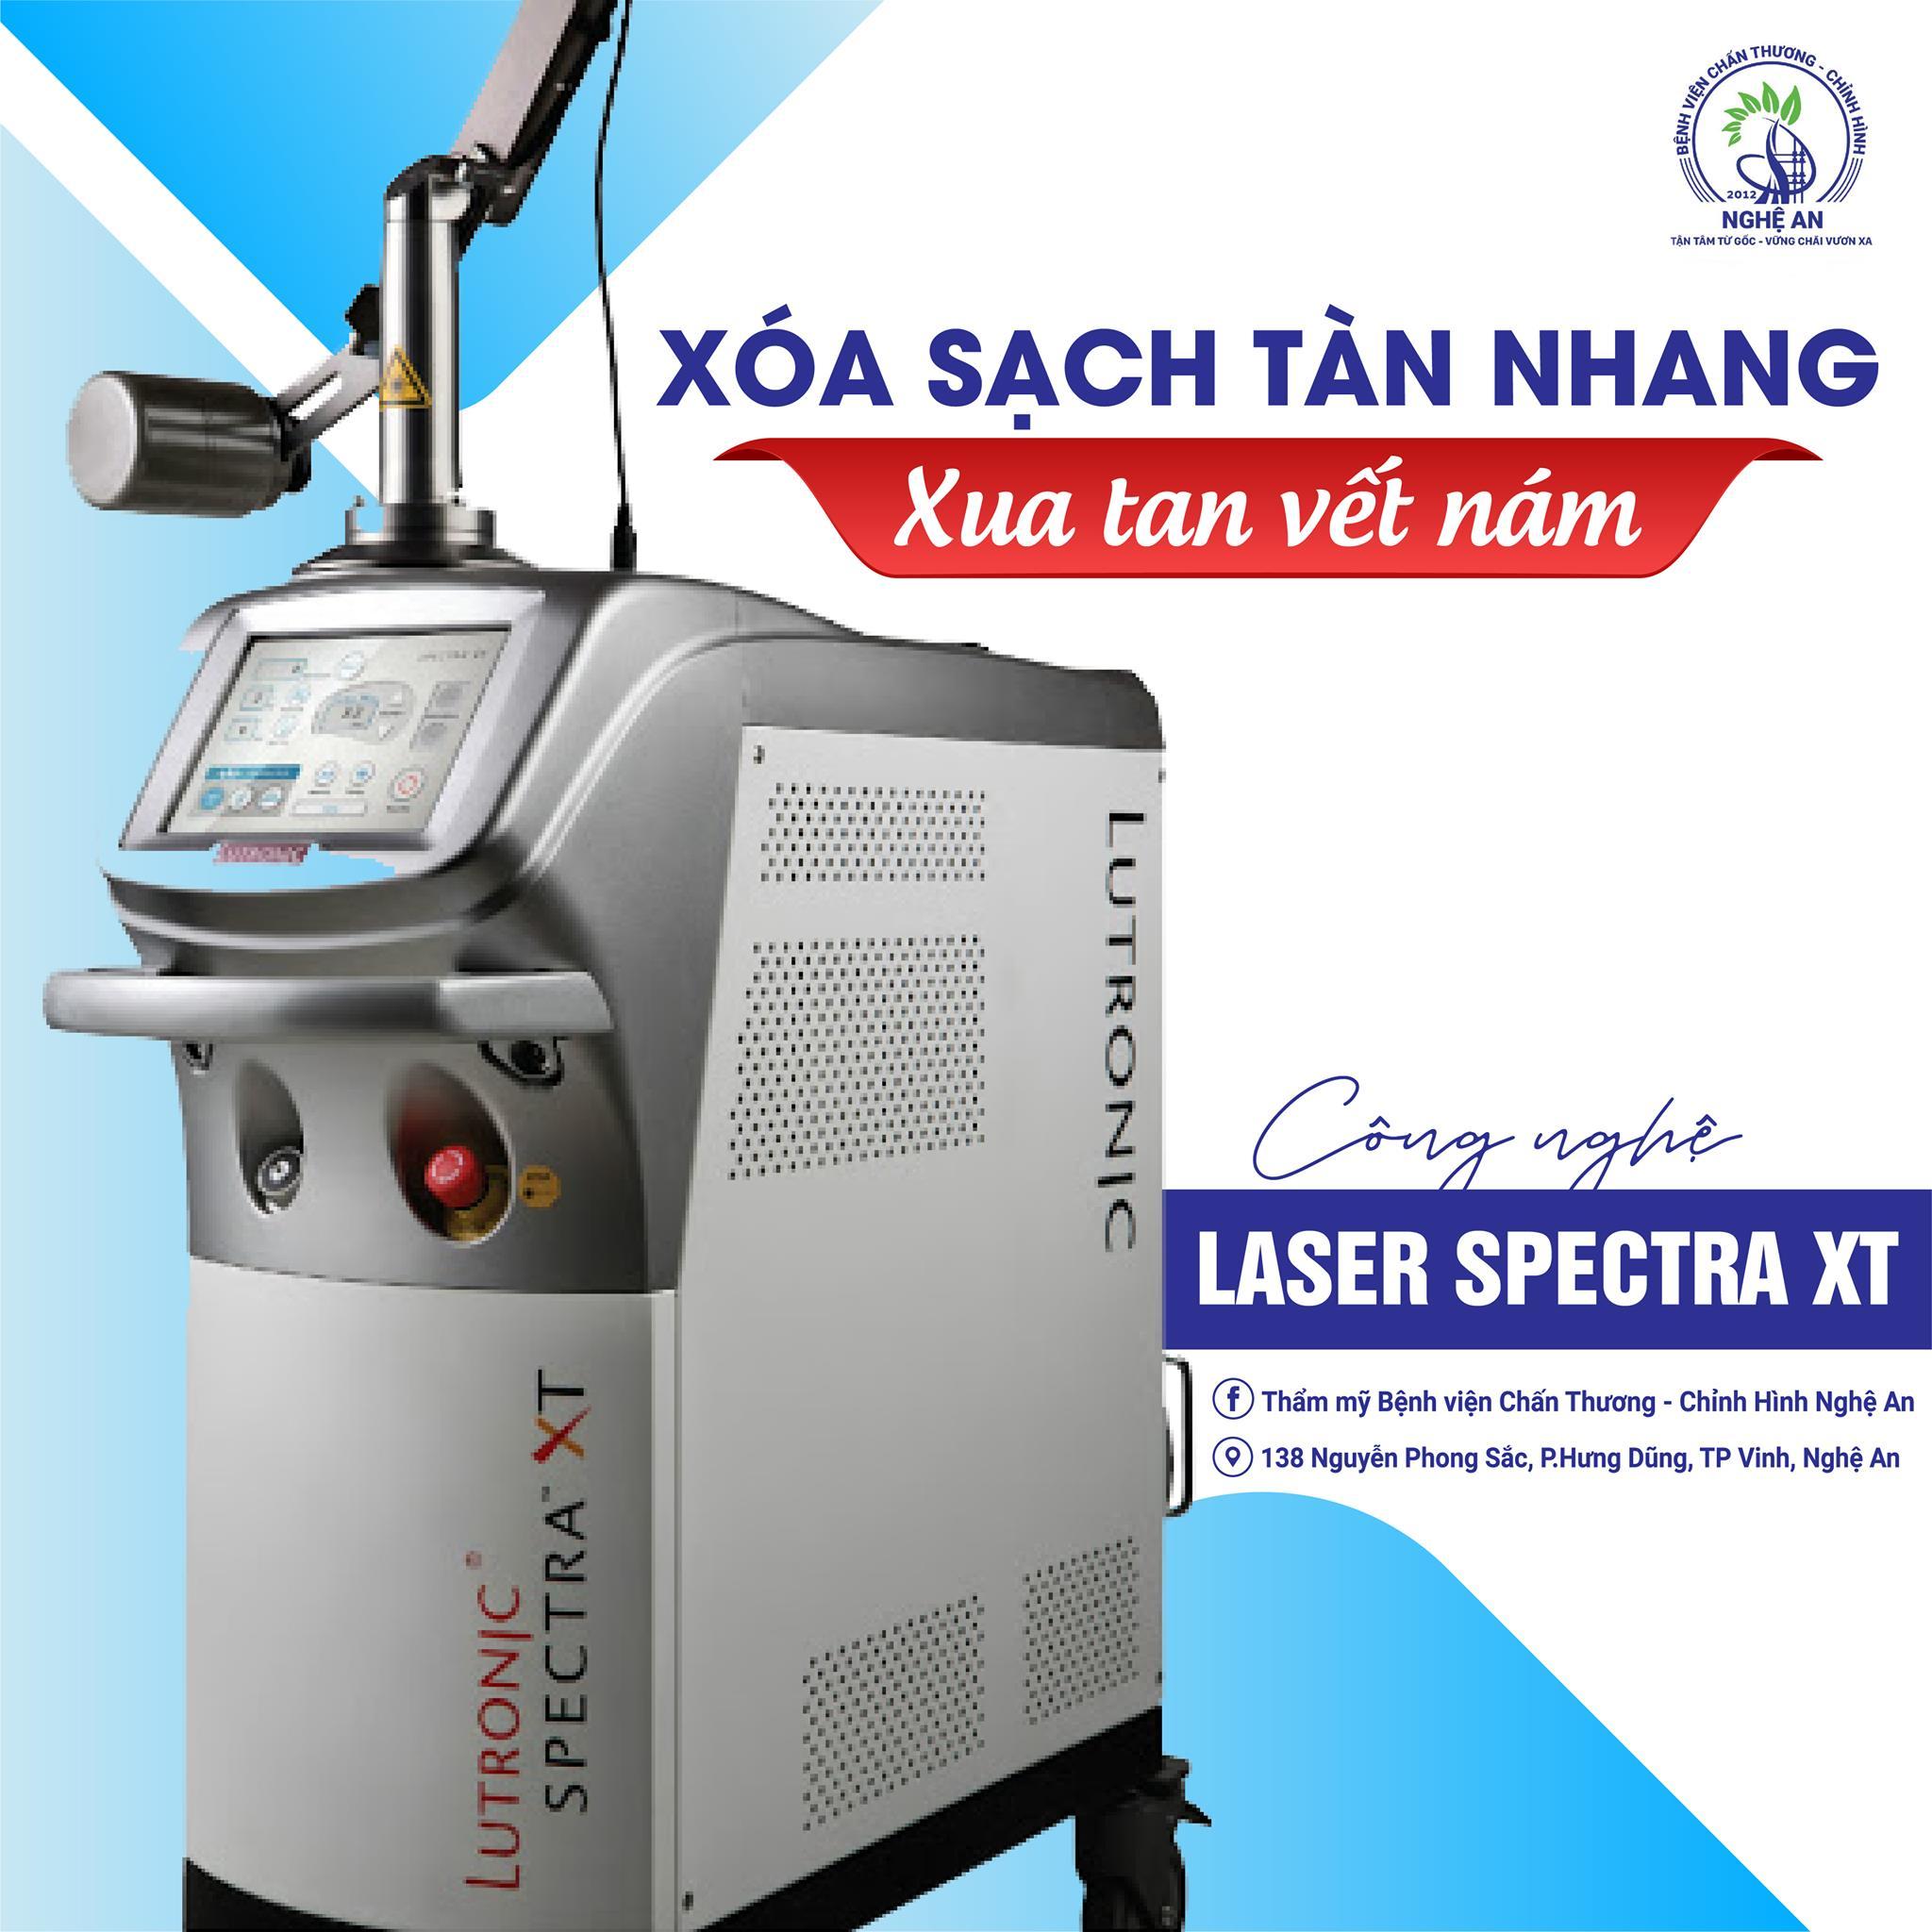 Công nghệ Laser Spectra XT xóa sạch tàn nhang – Xua tan vết nám